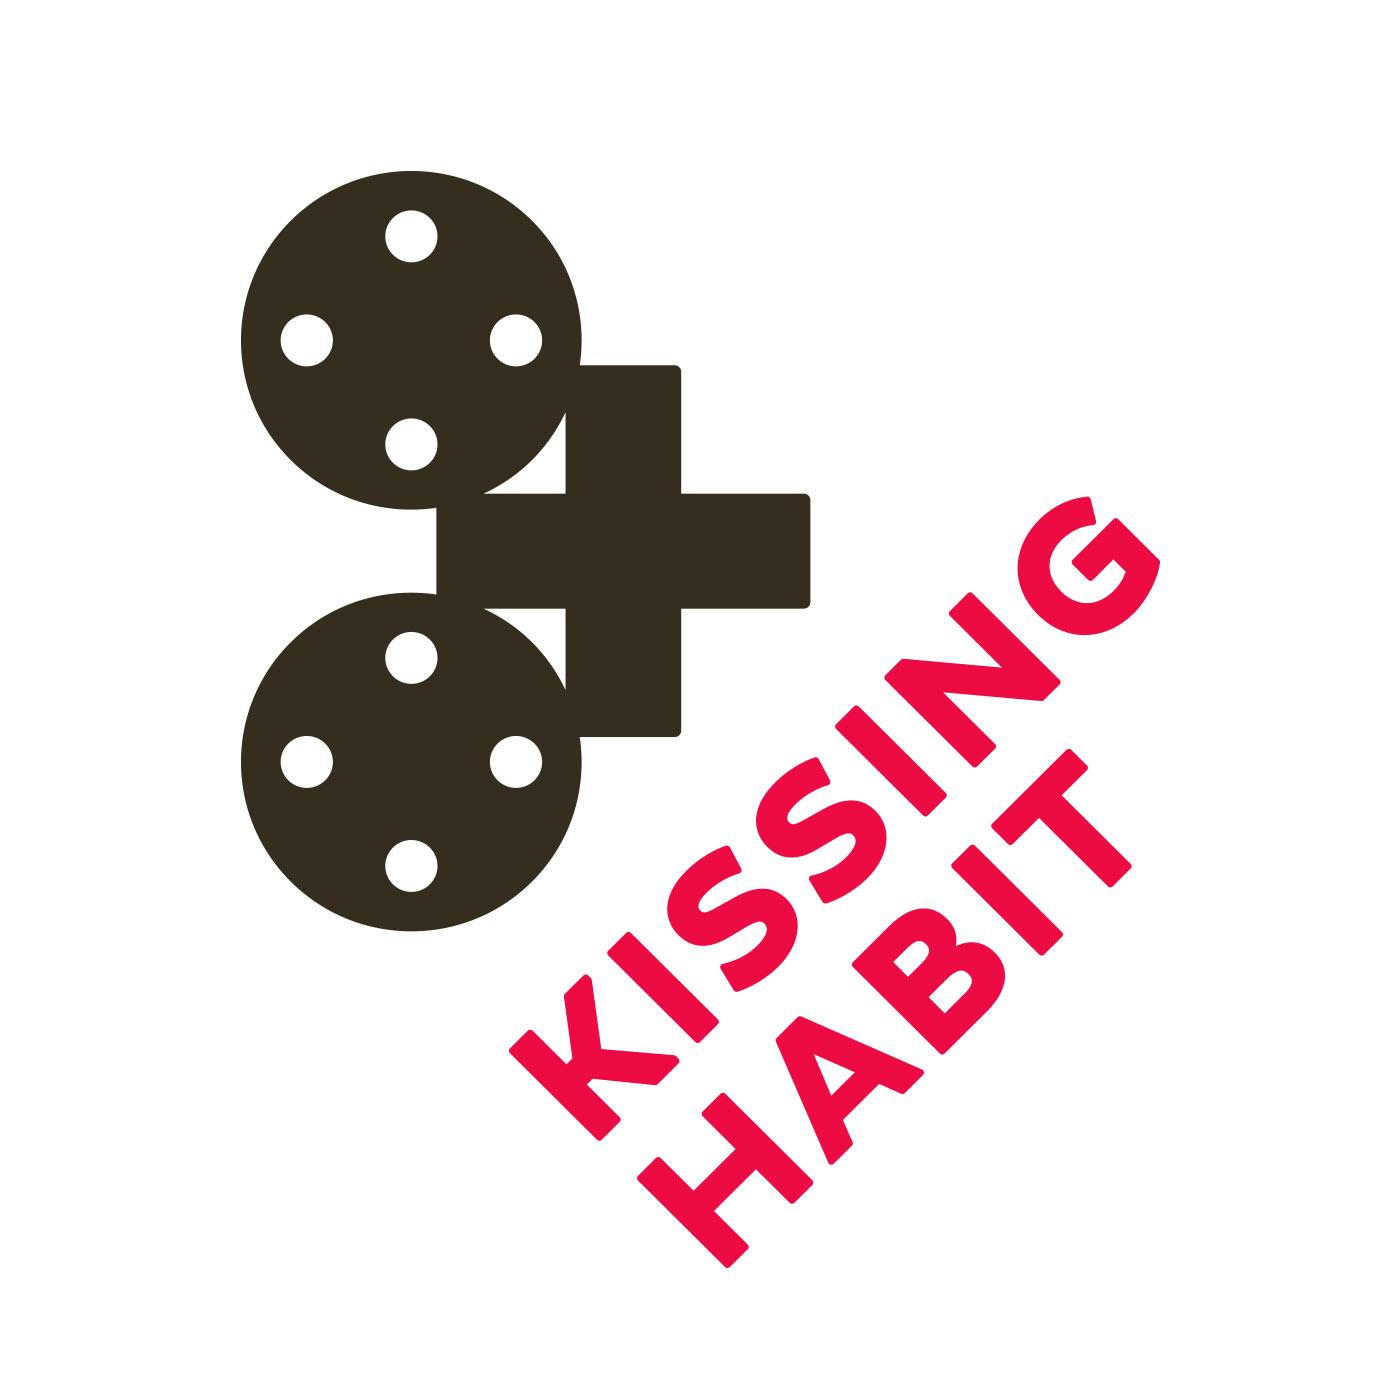 Kissing Habit on White.jpg